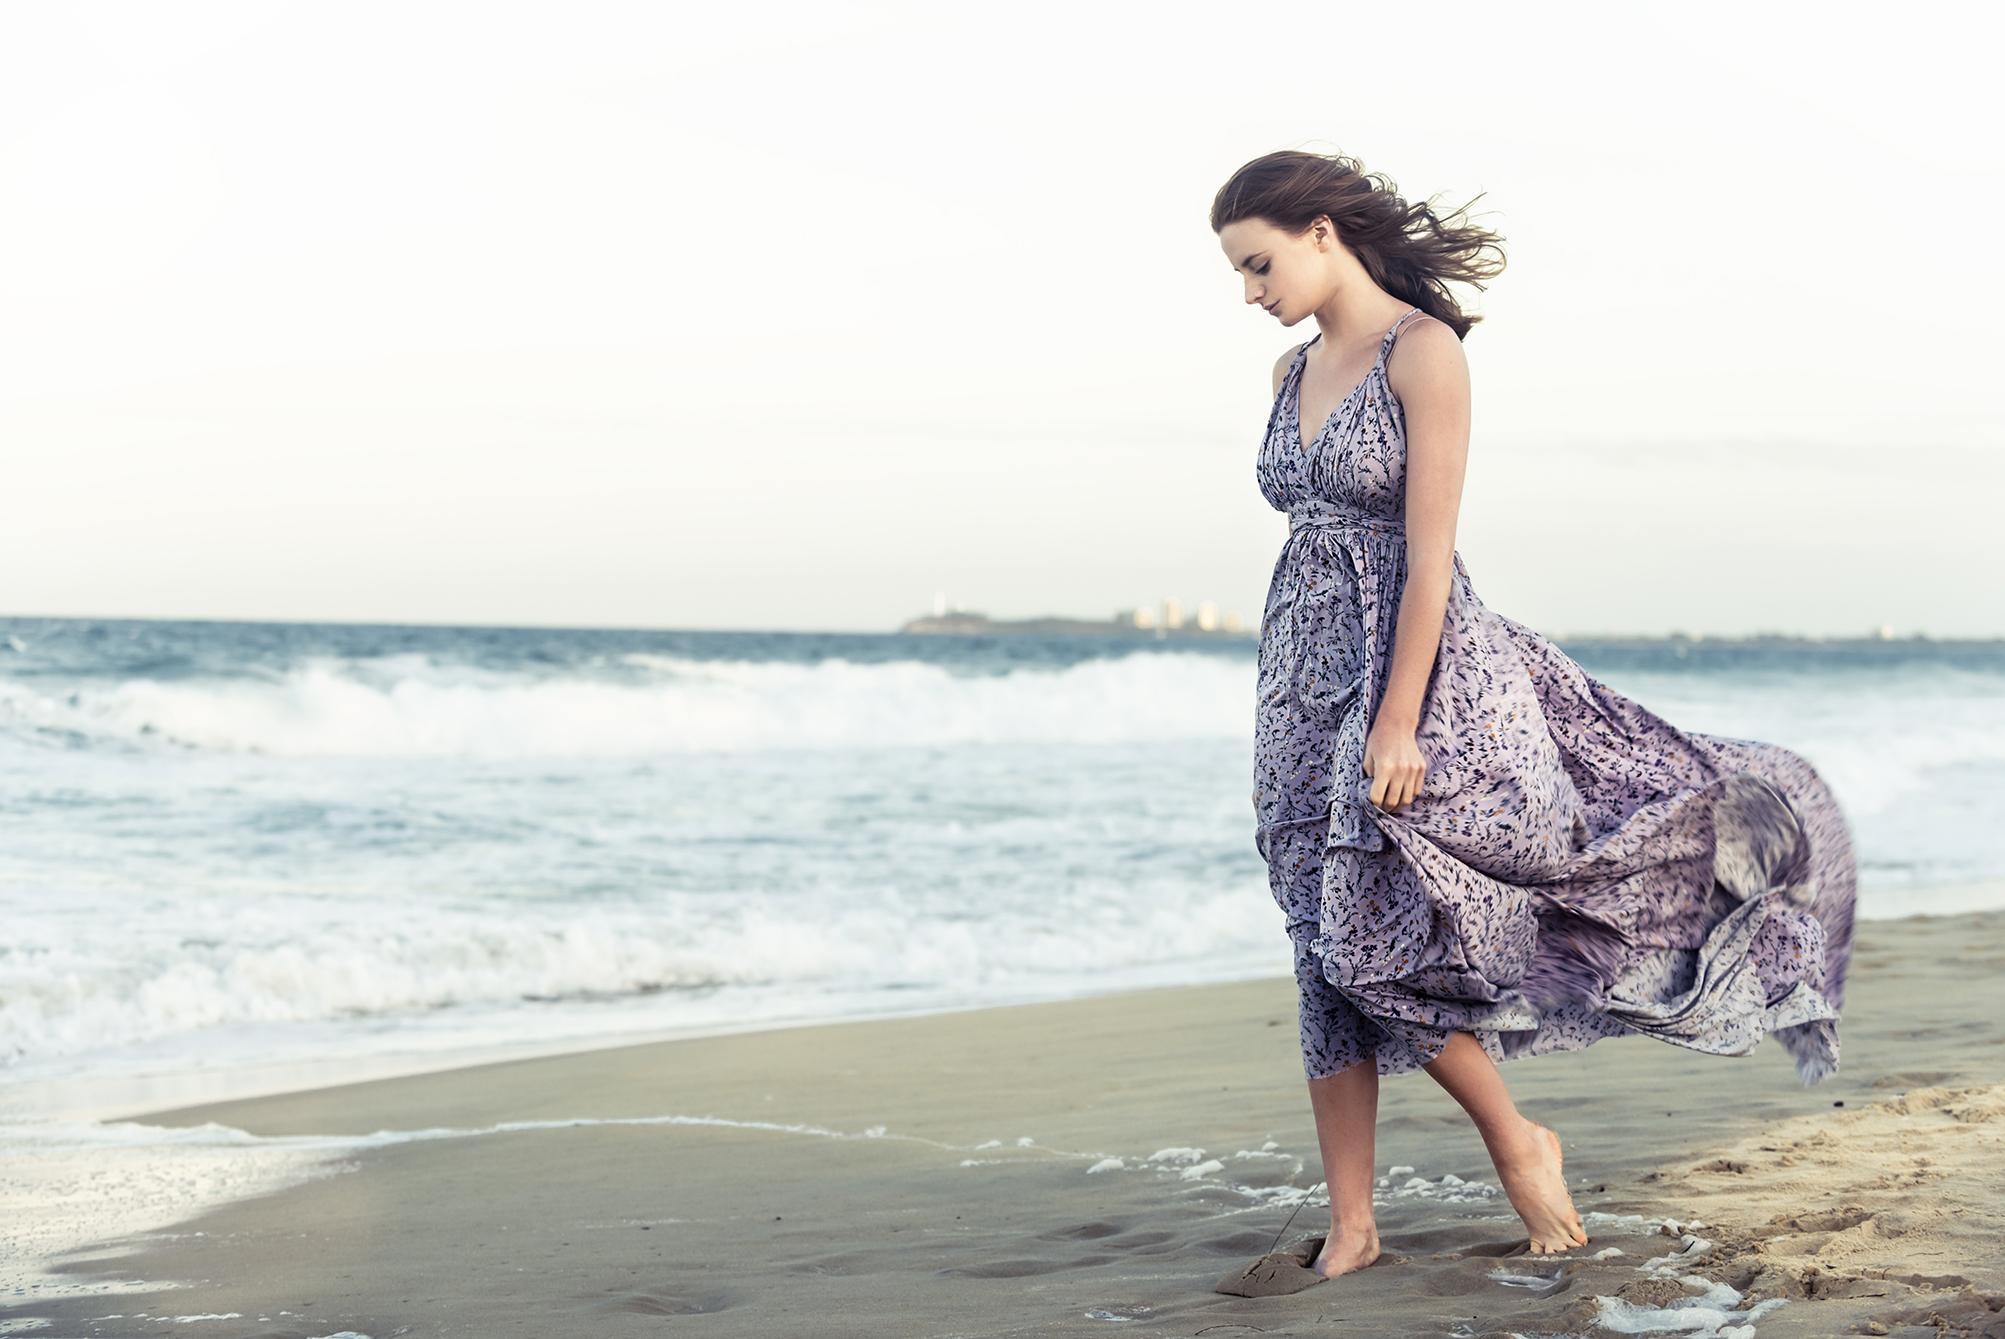 susannah beach56 fx.jpg